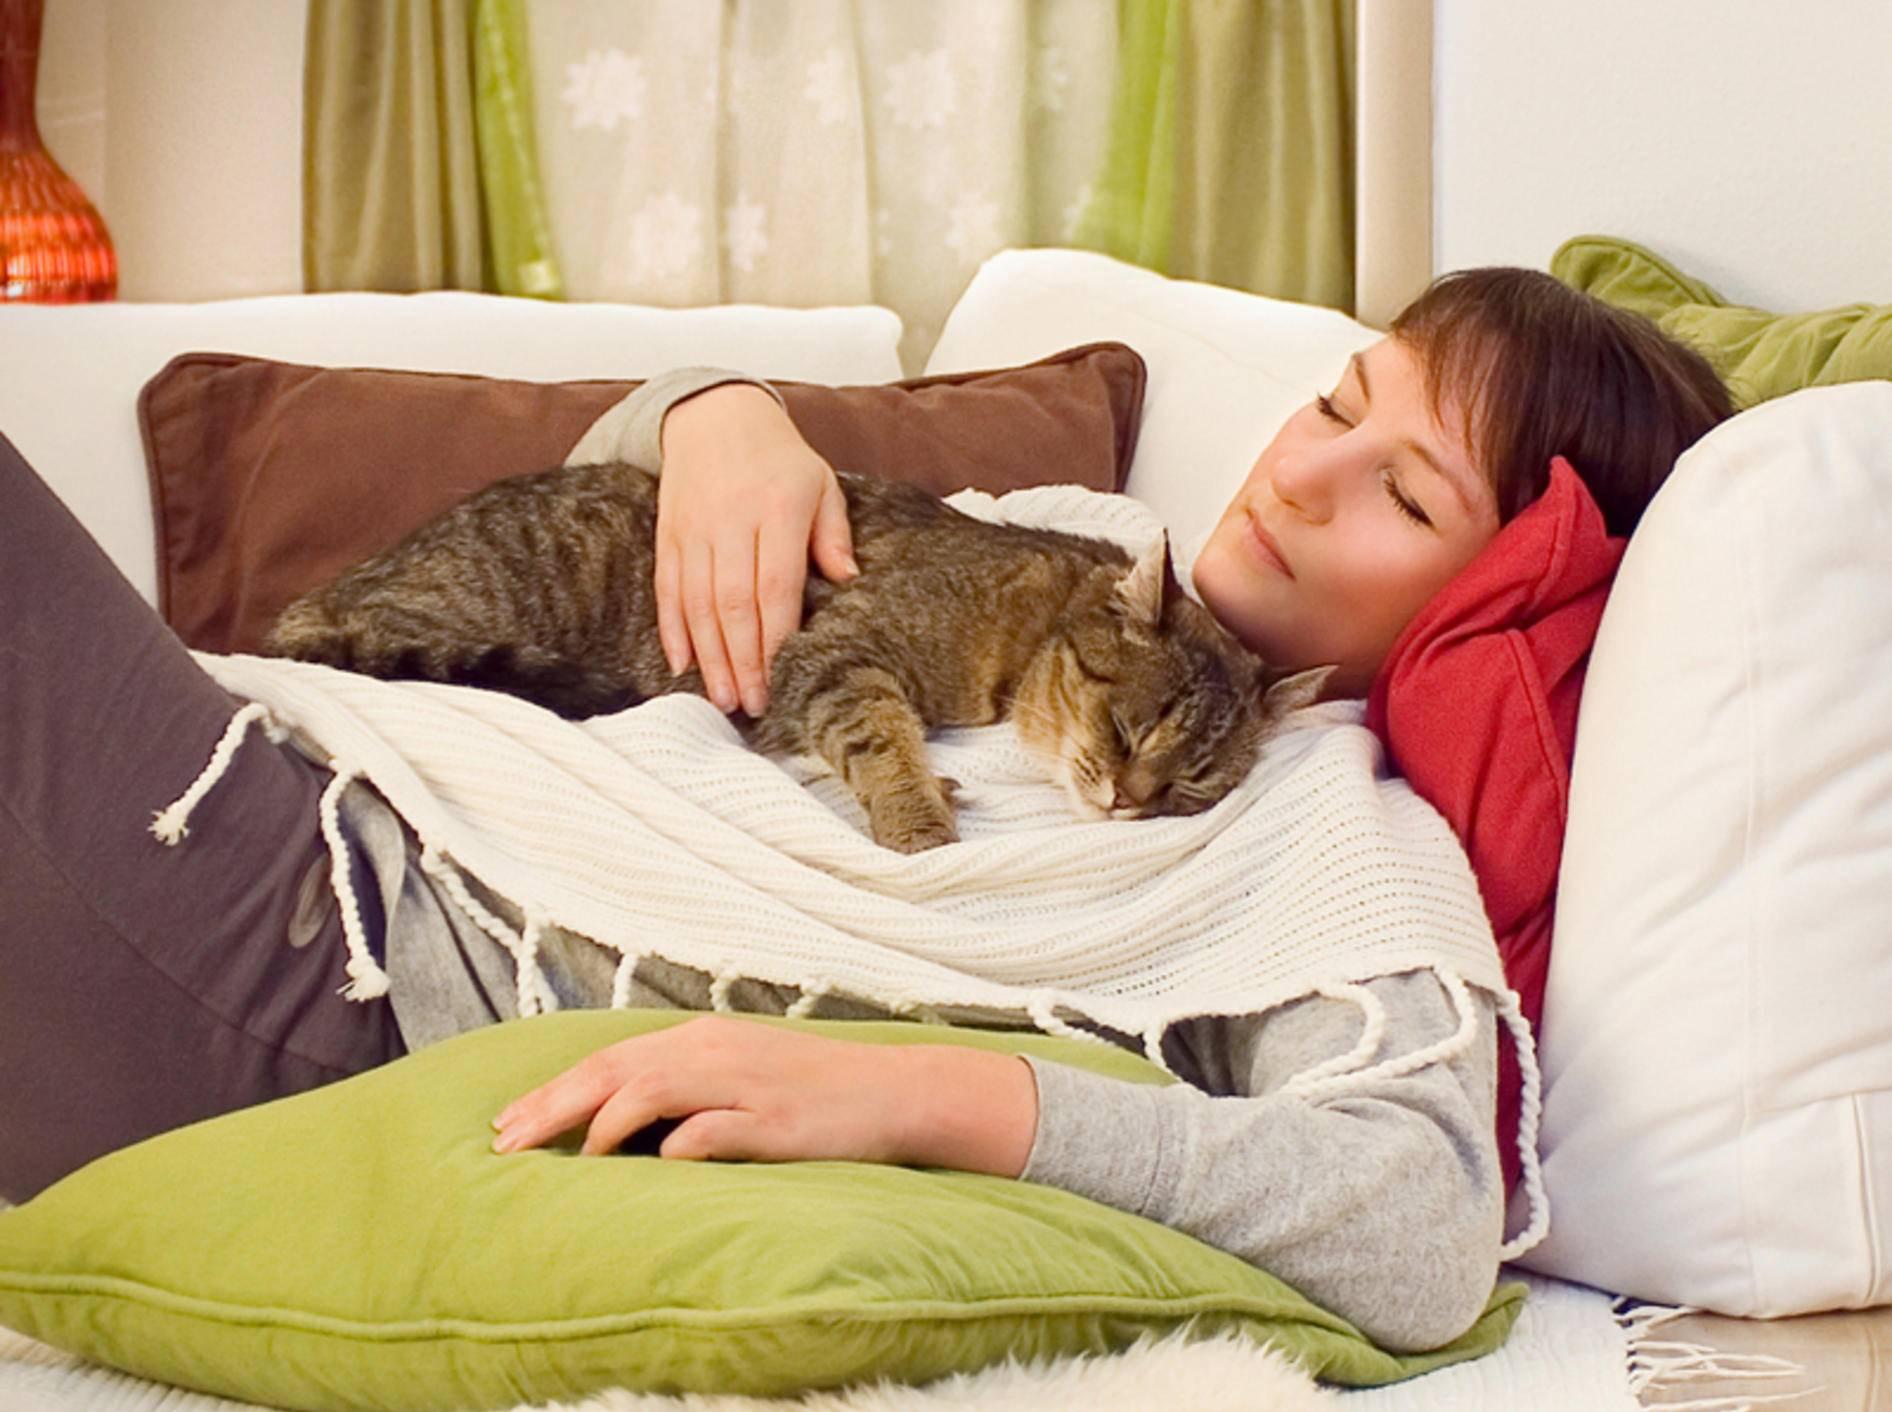 Kuscheln ist sooo schön: Diese Katze fühlt sich wohl und geborgen bei ihrem Lieblingsmensch – Shutterstock / Patrizia Tilly